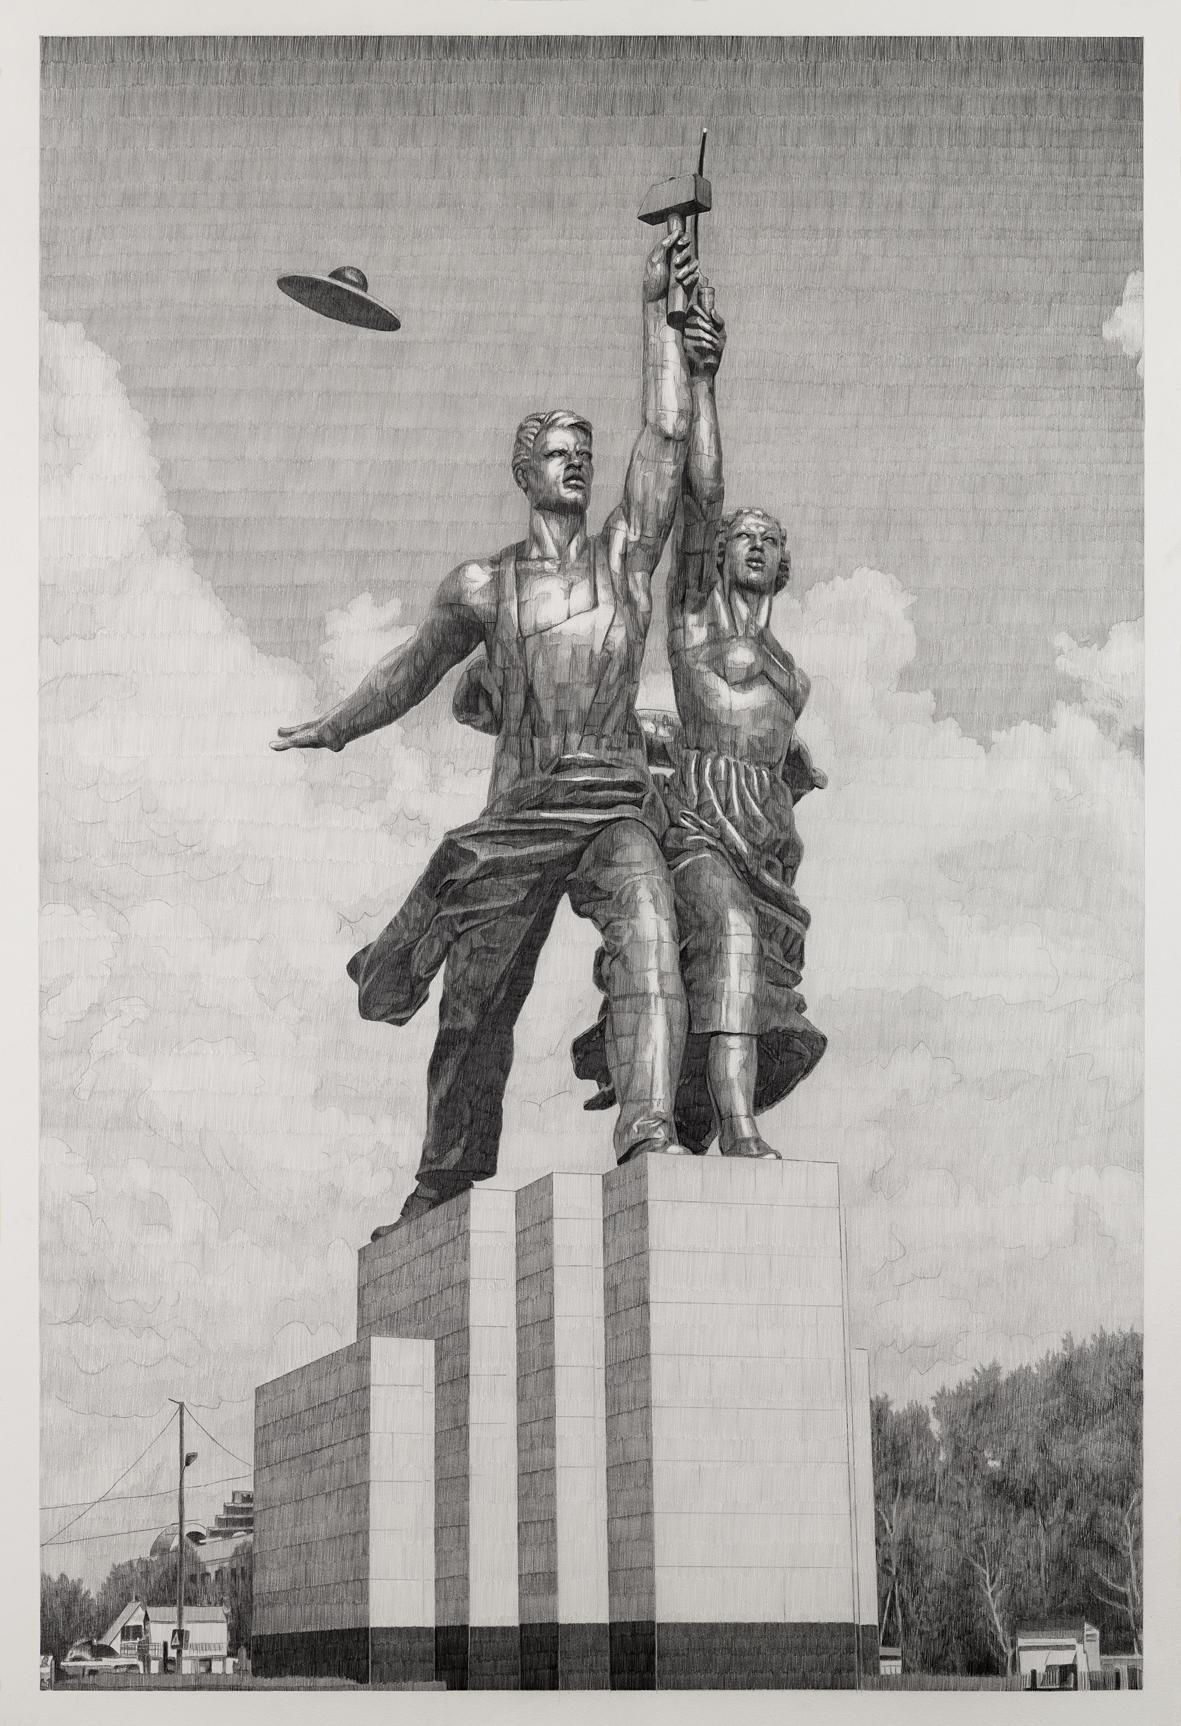 dessin, ouvrier, communisme